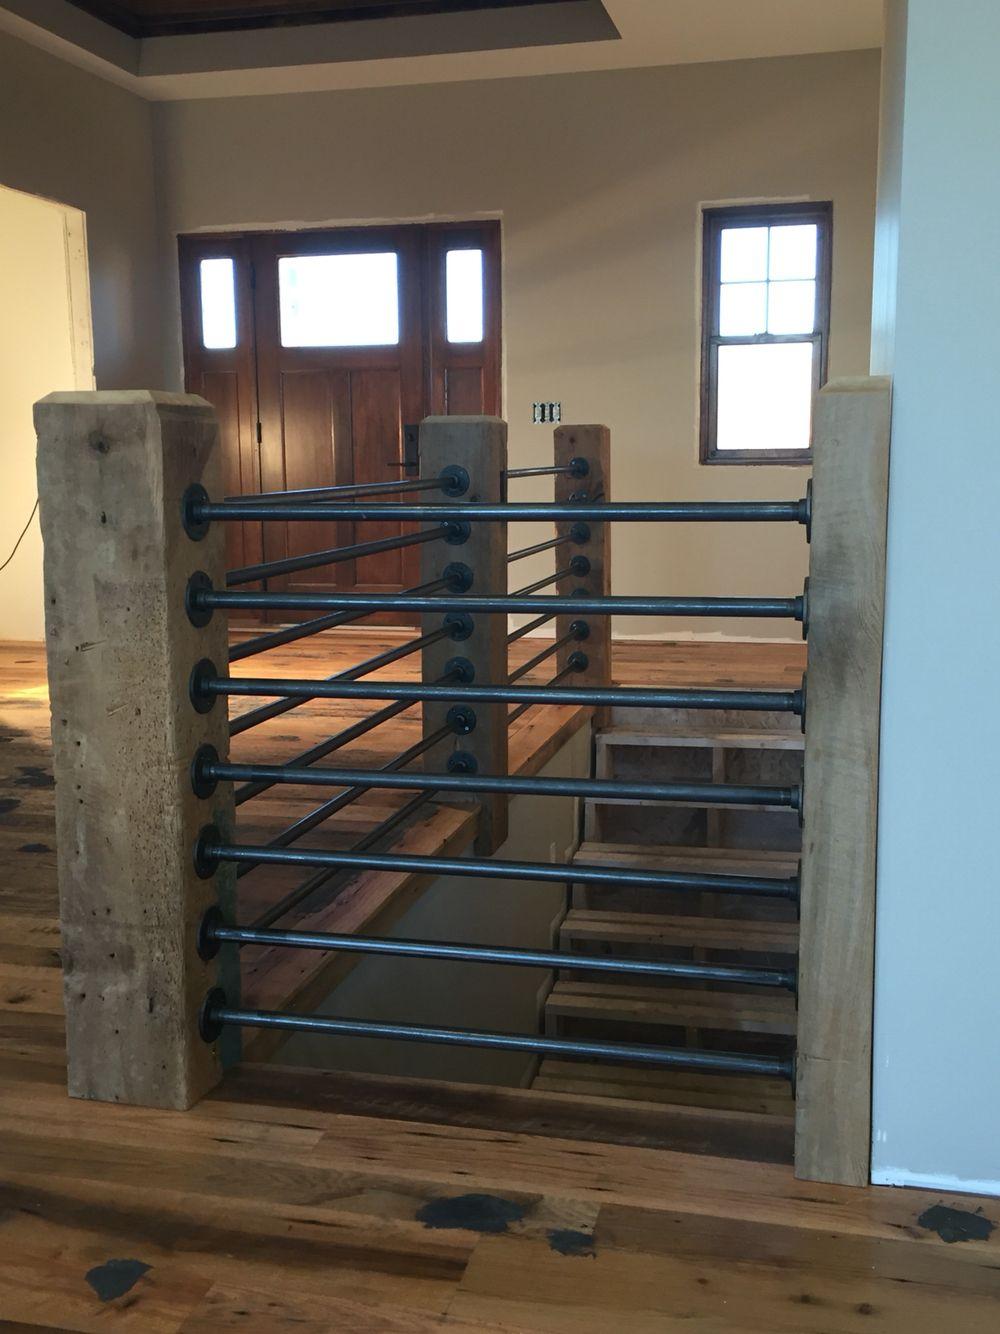 Erstaunlich Dachboden Ausbauen Treppe Sammlung Von · Ideen · Black Gas Pipe Rails